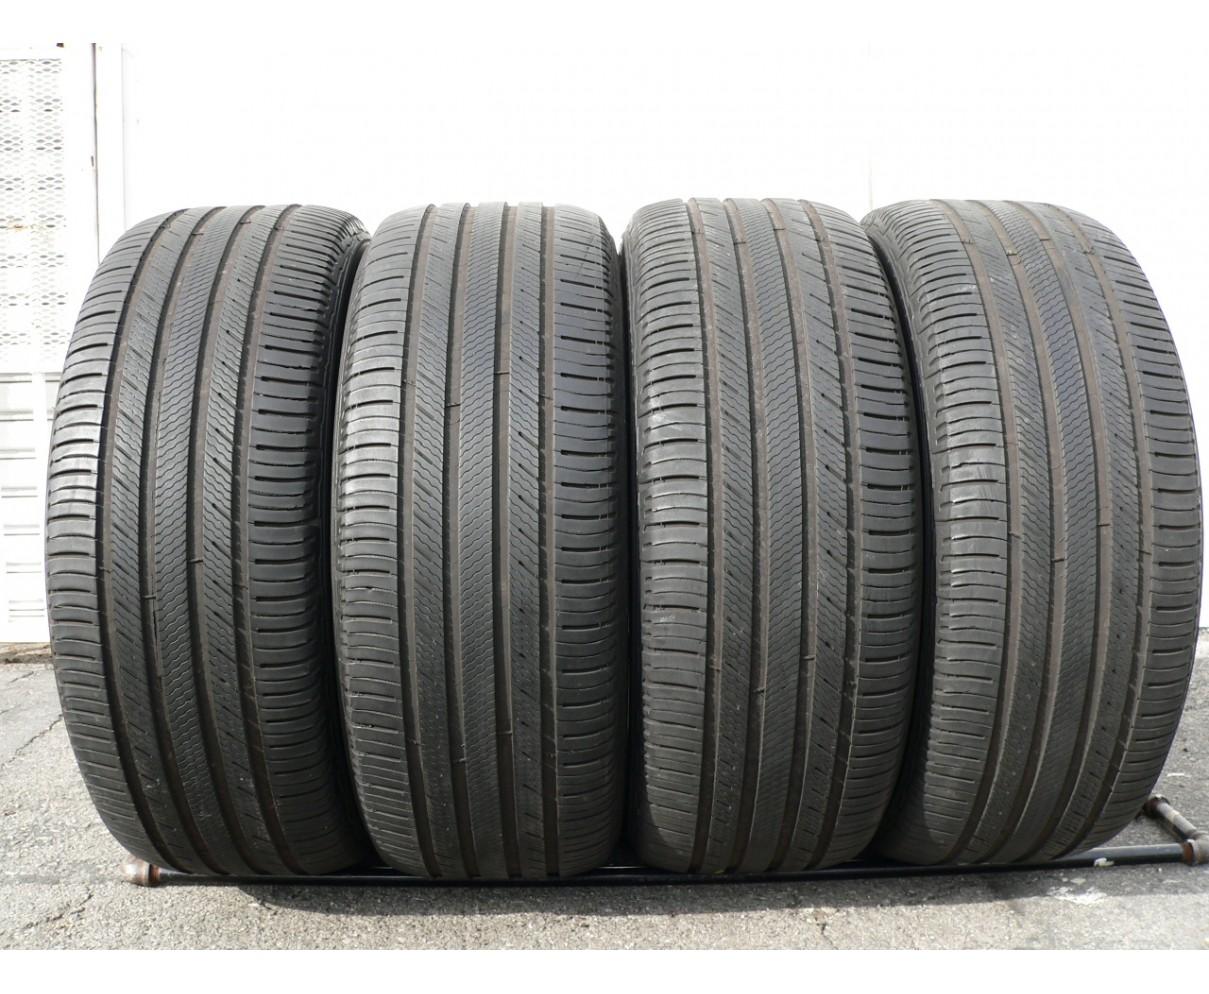 4 used tires 255 50 20 Michelin Premier LTX 109V 50% life